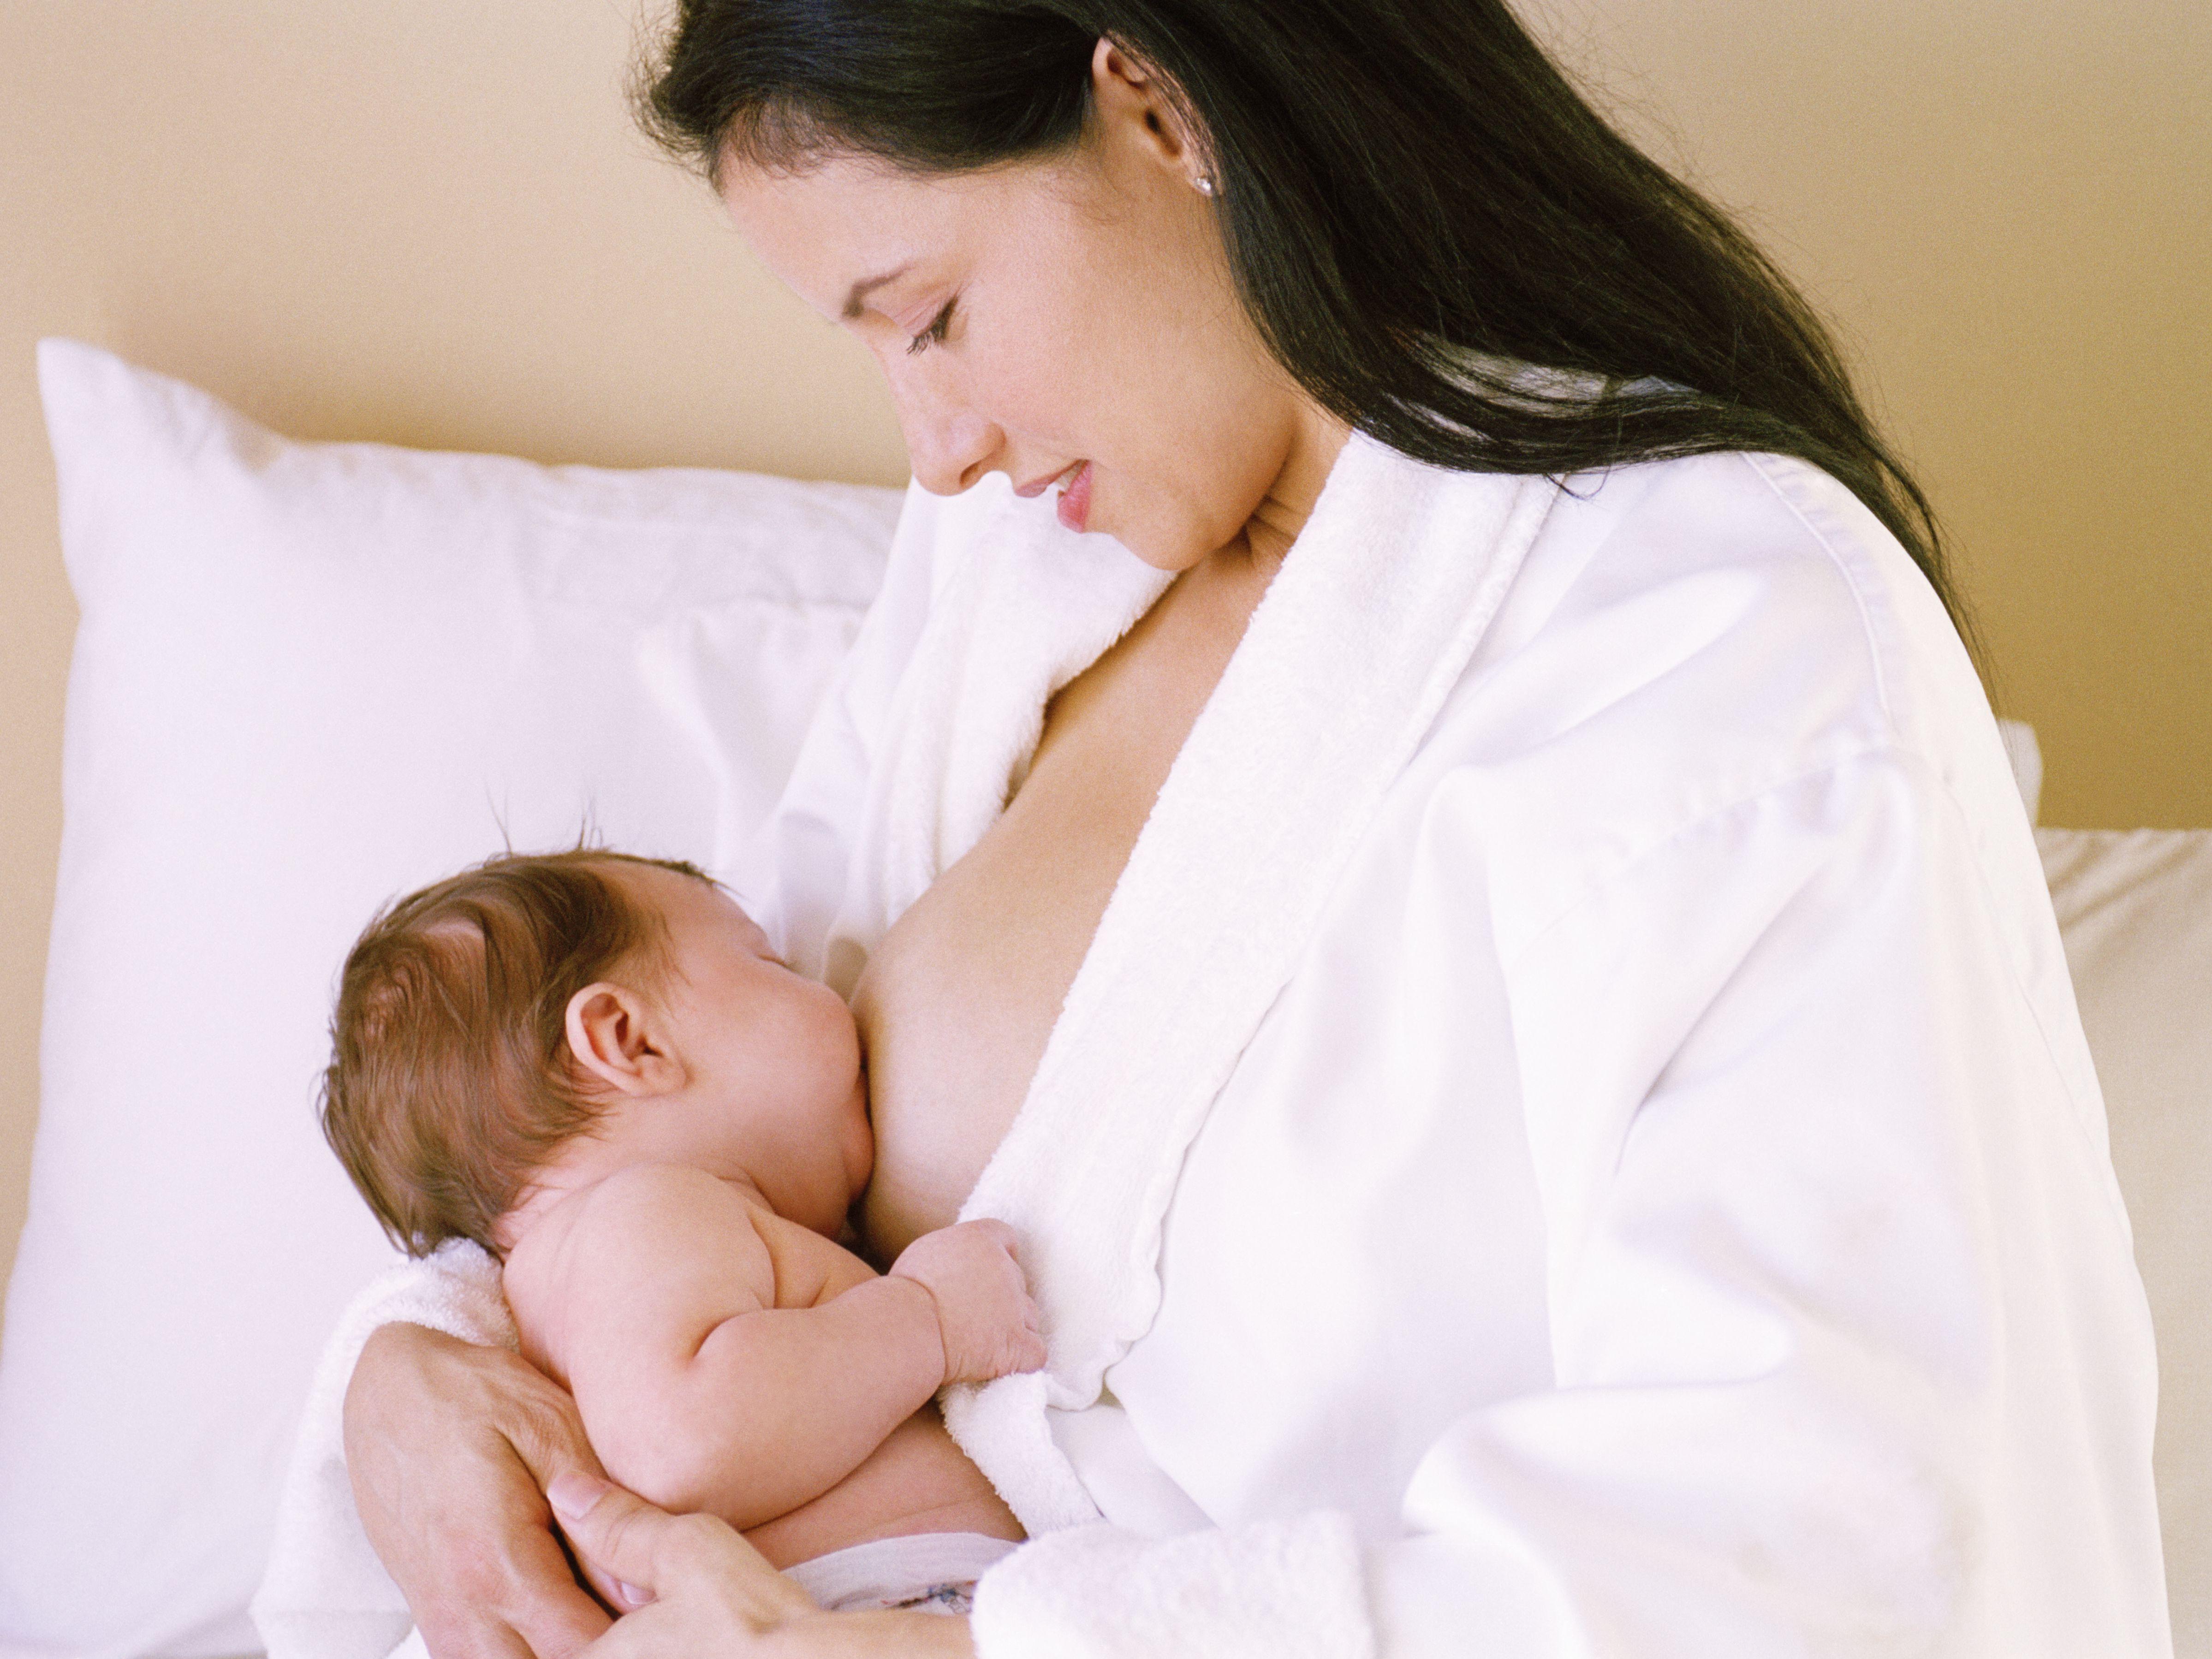 Sex breast feeding